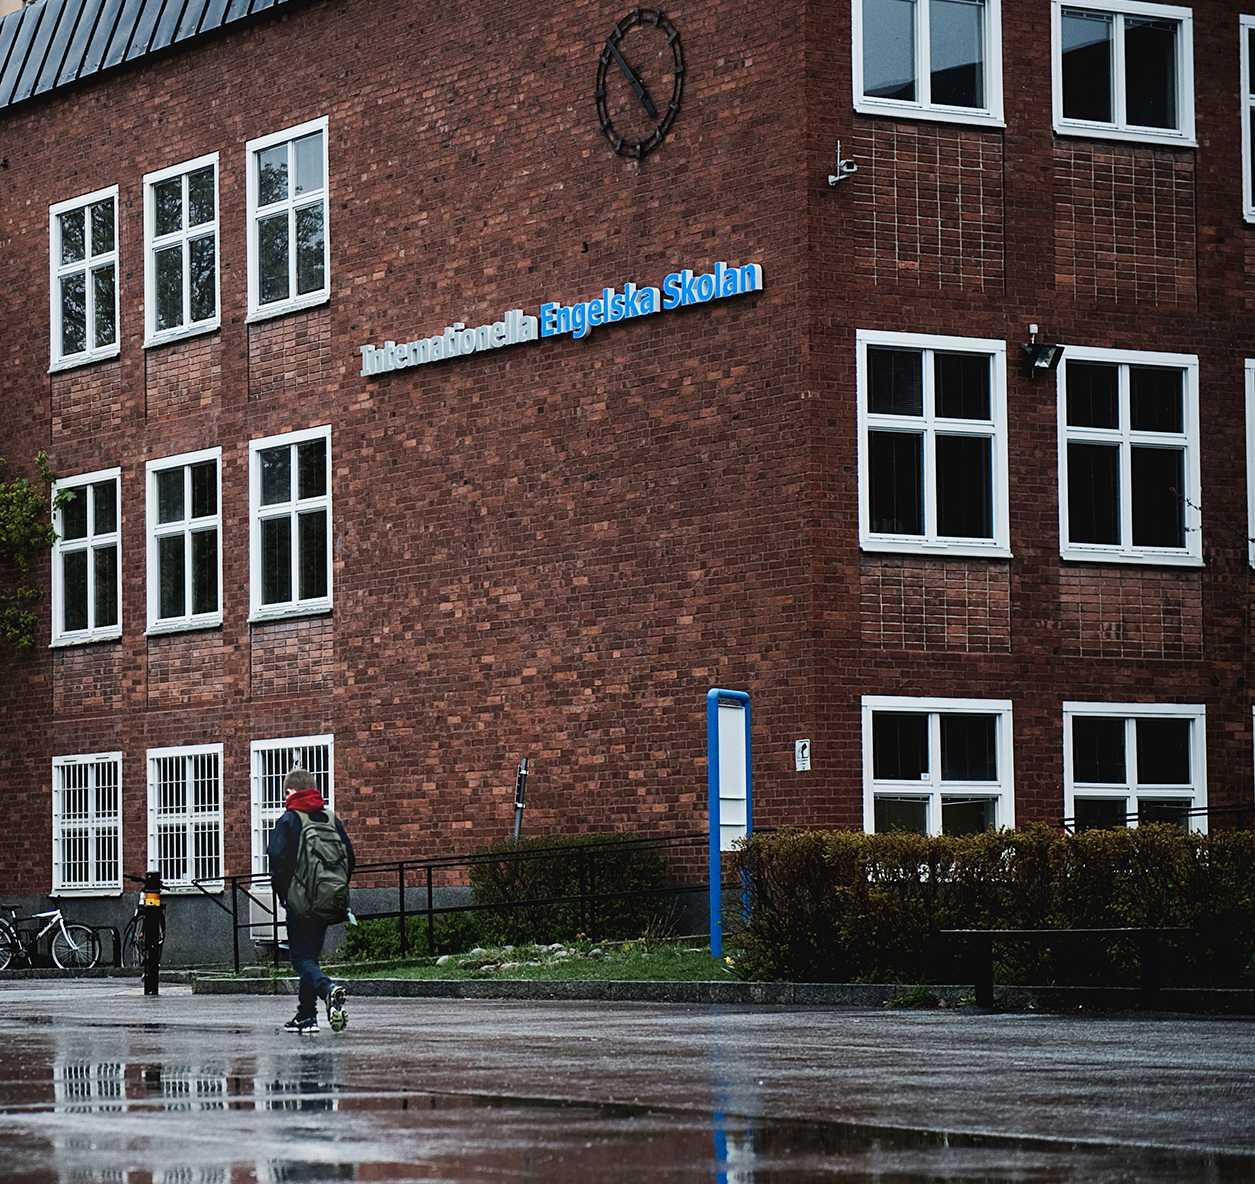 Internationella engelska skolan är en av Sveriges största friskolekoncerner. Idag finns det 39 skolor runt om i Sverige.